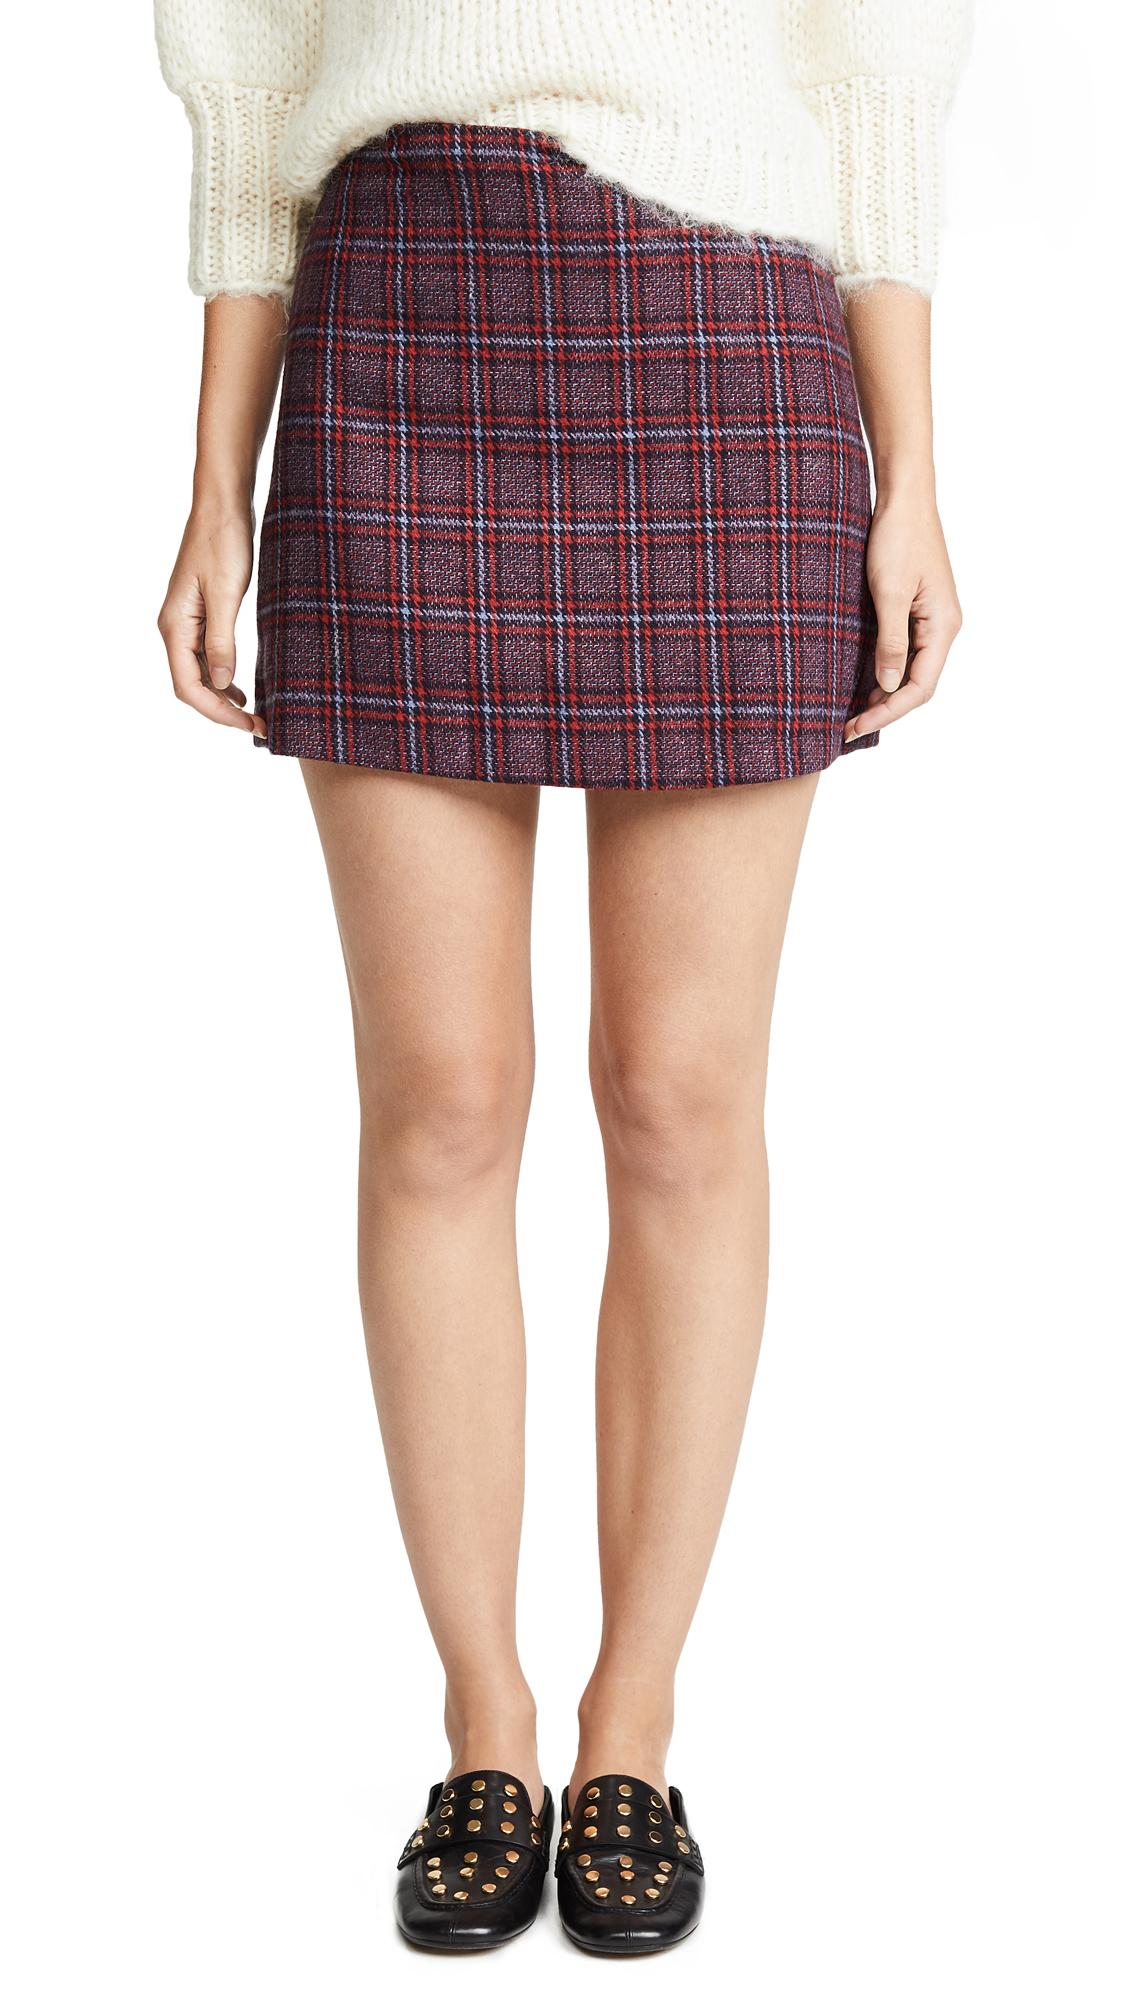 Valencia & Vine Tweed Mini Skirt In Plaid